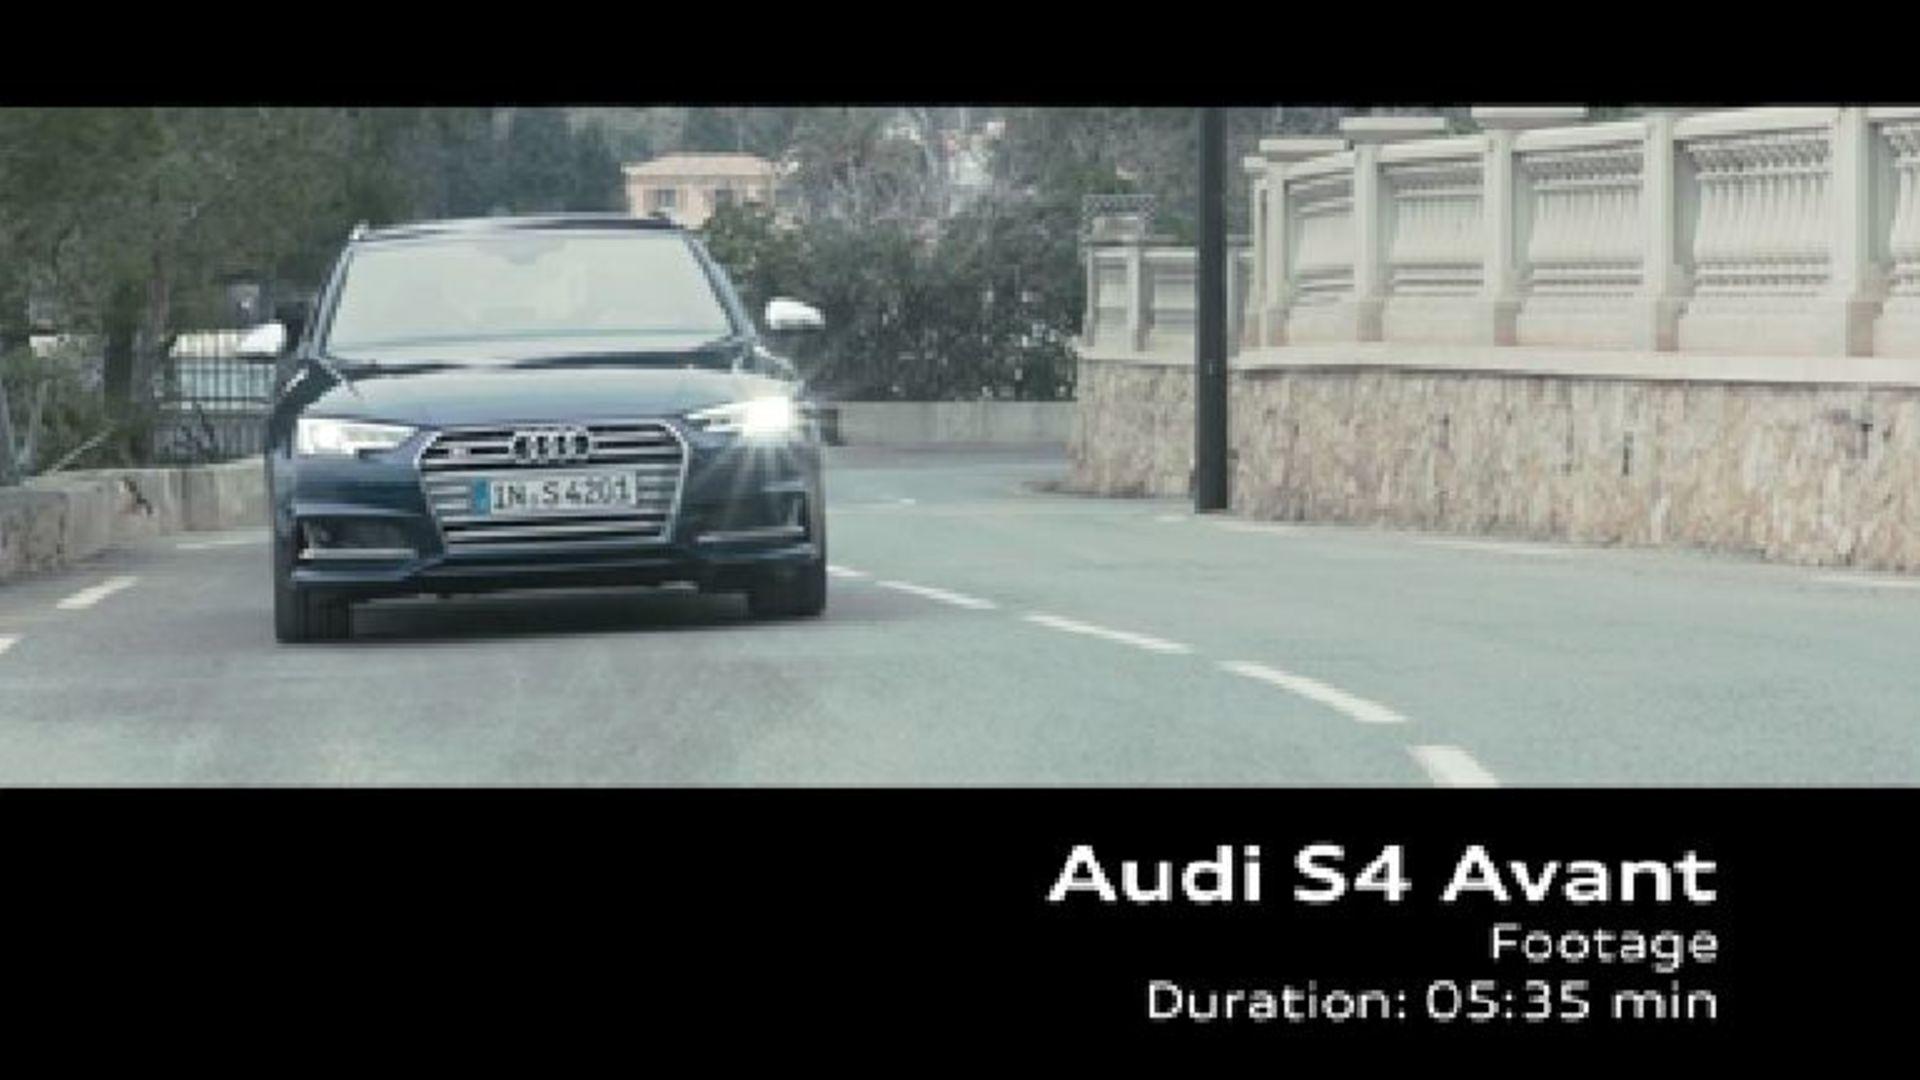 Audi S4 Avant (2016) – Footage